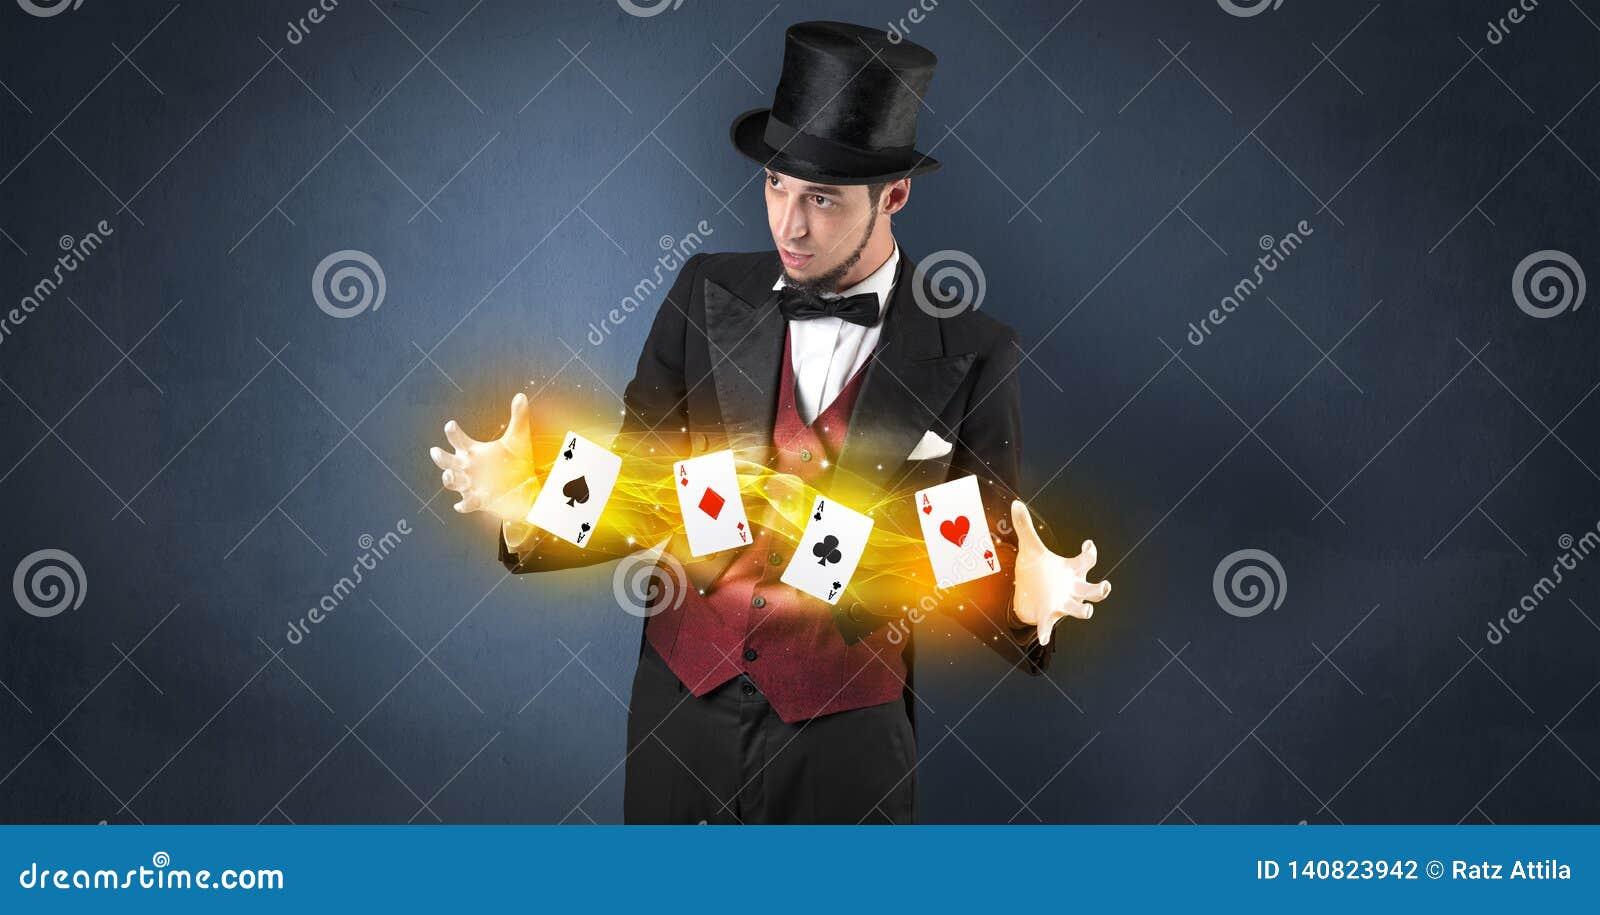 Ilusionista que faz o truque com os cartões mágicos do jogo